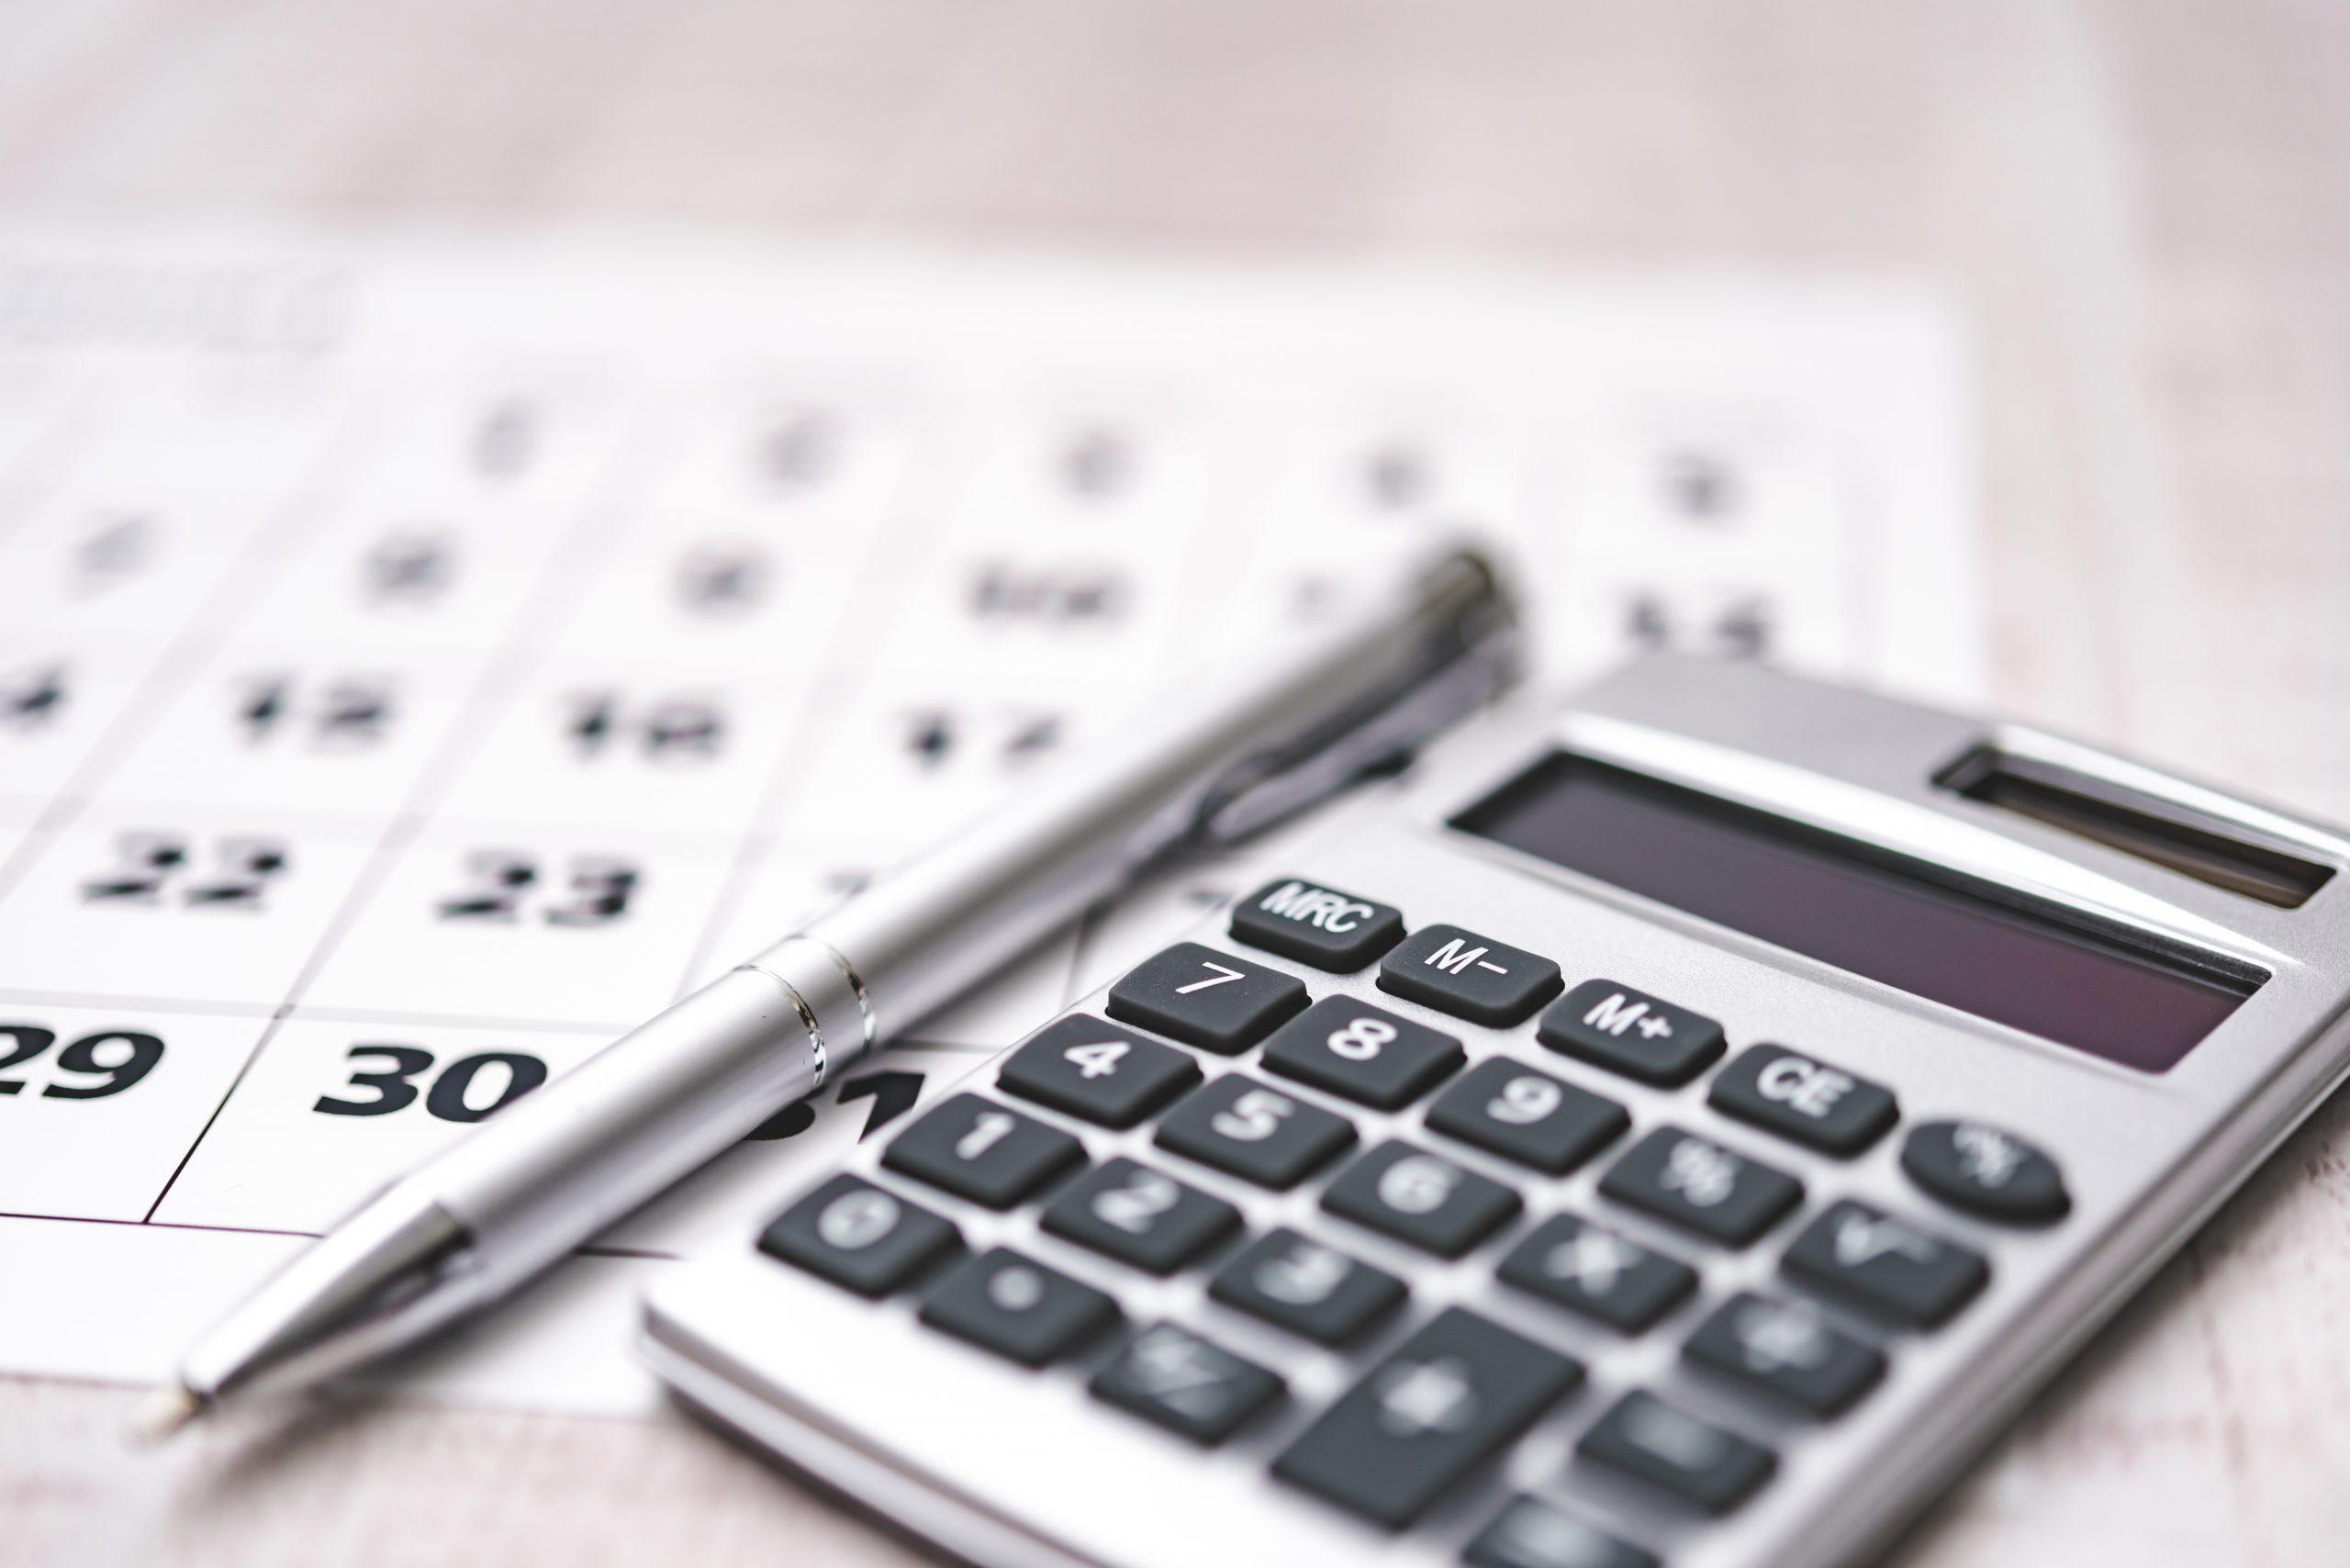 銀行の借入金利から利息を計算する方法は?金利別のシミュレーションも